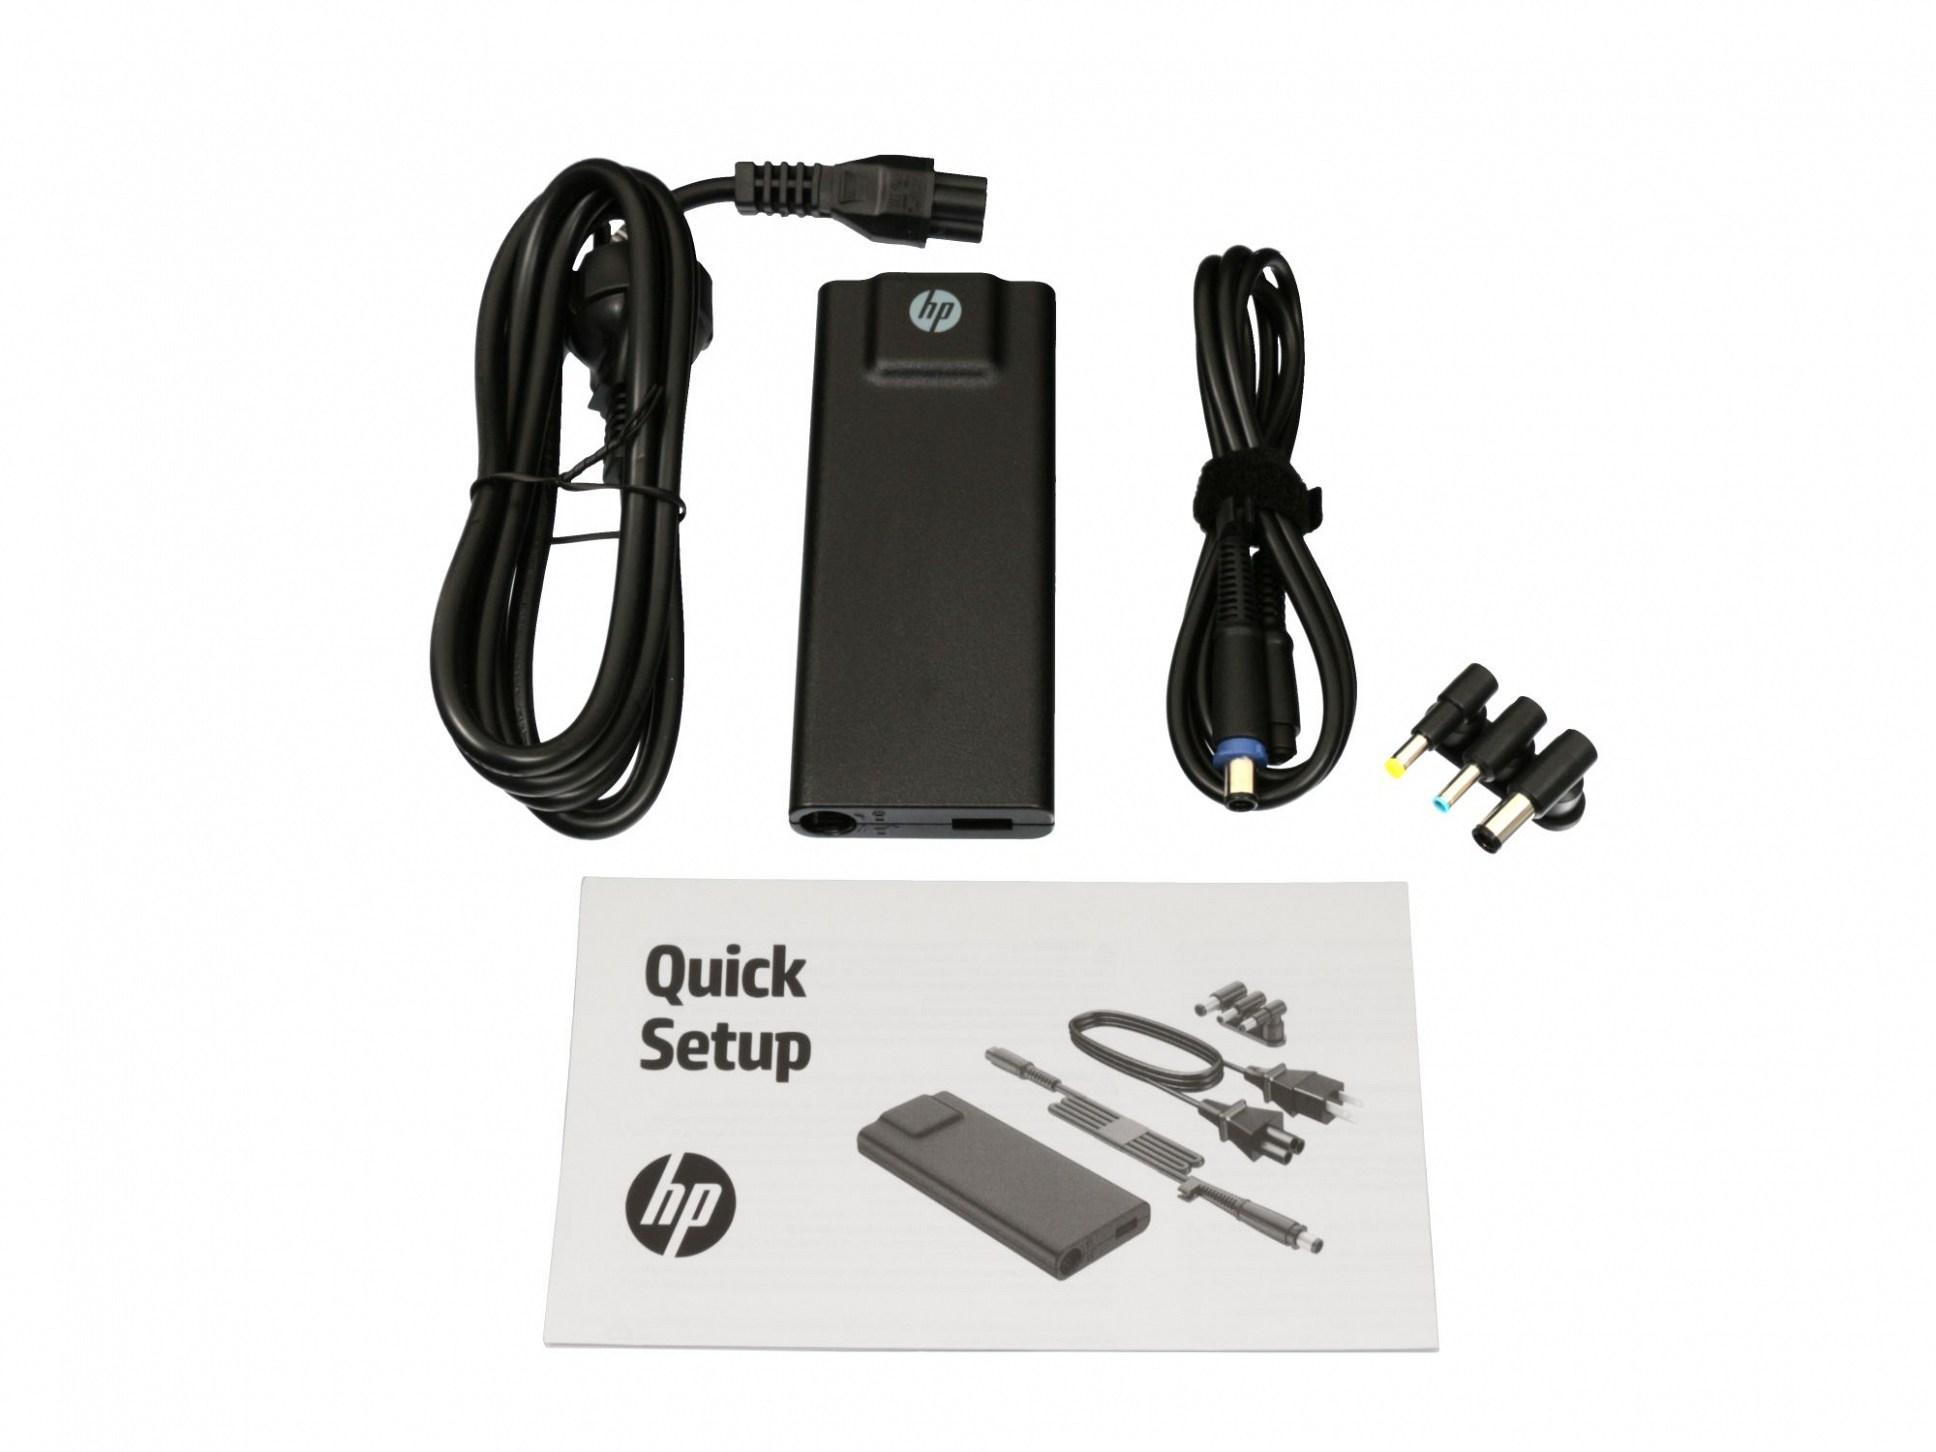 Netzteil HP Business Notebook NX7000